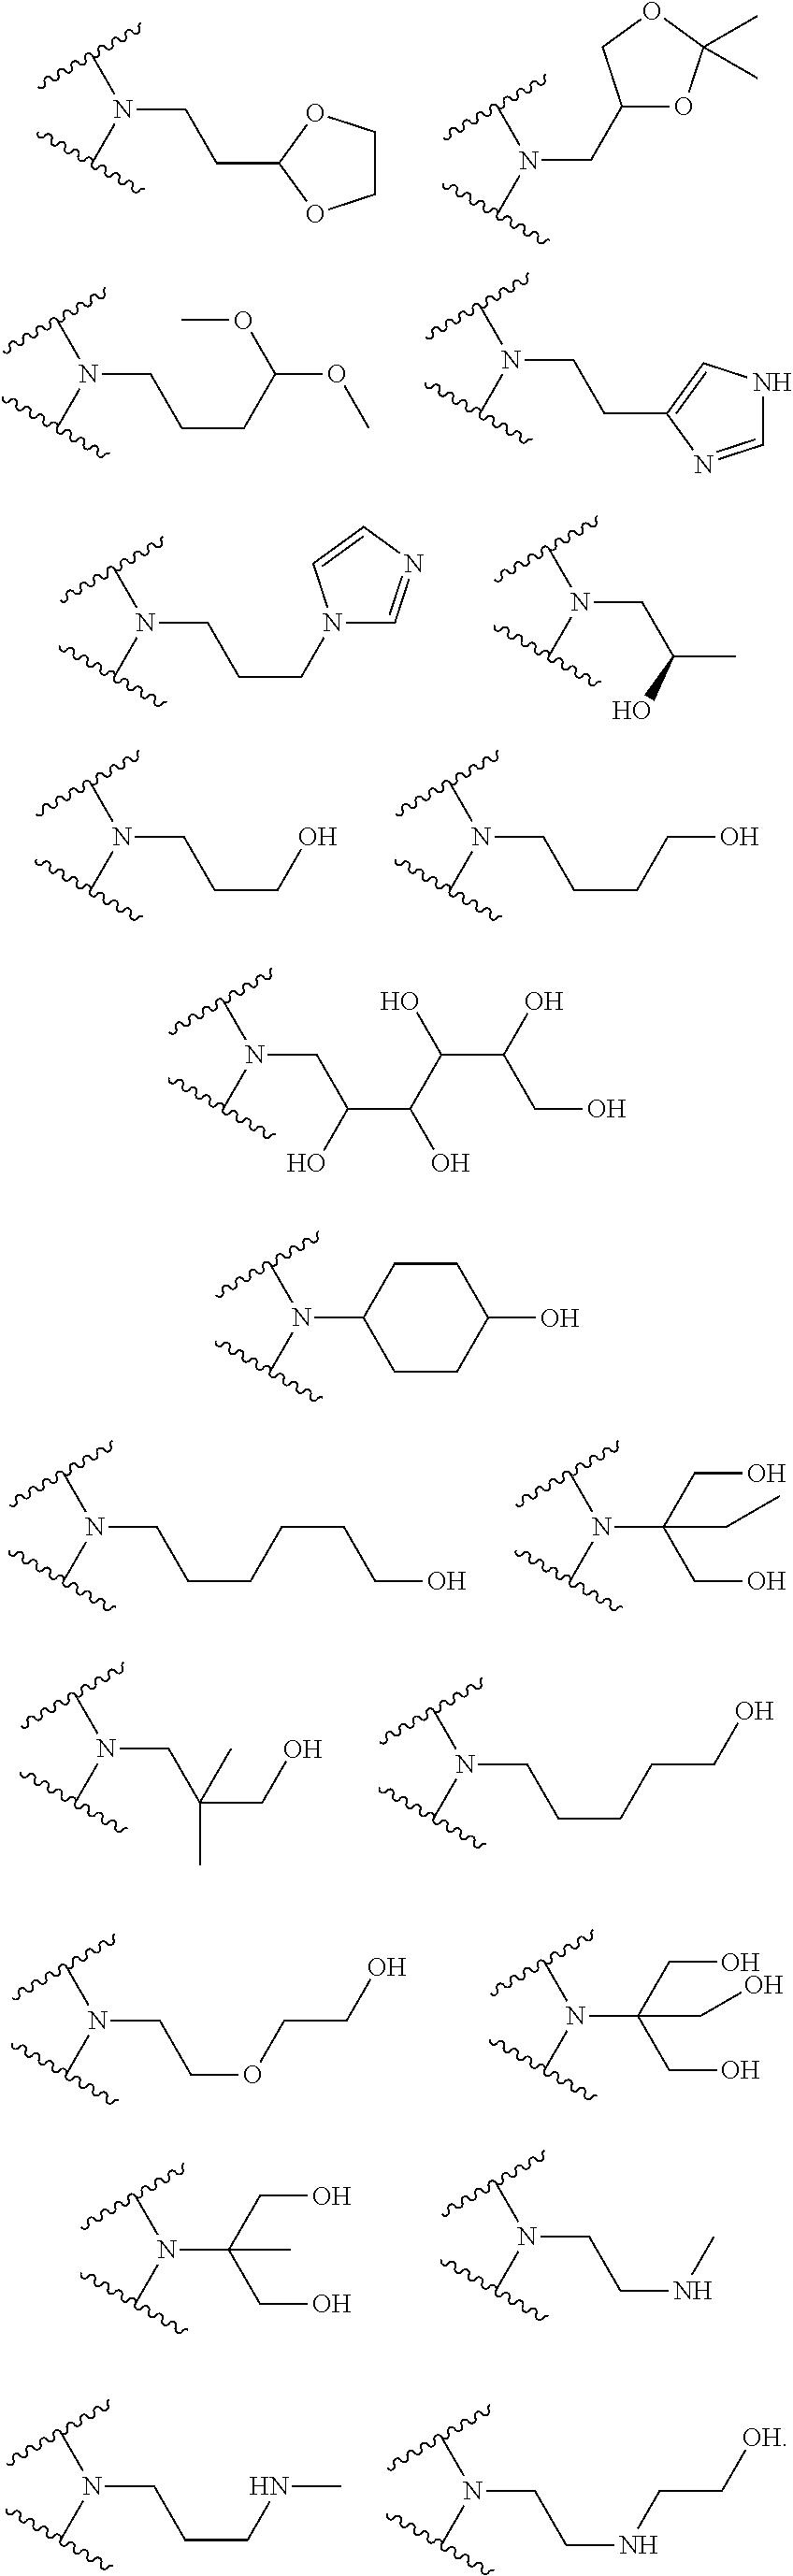 Figure US20110009641A1-20110113-C00261